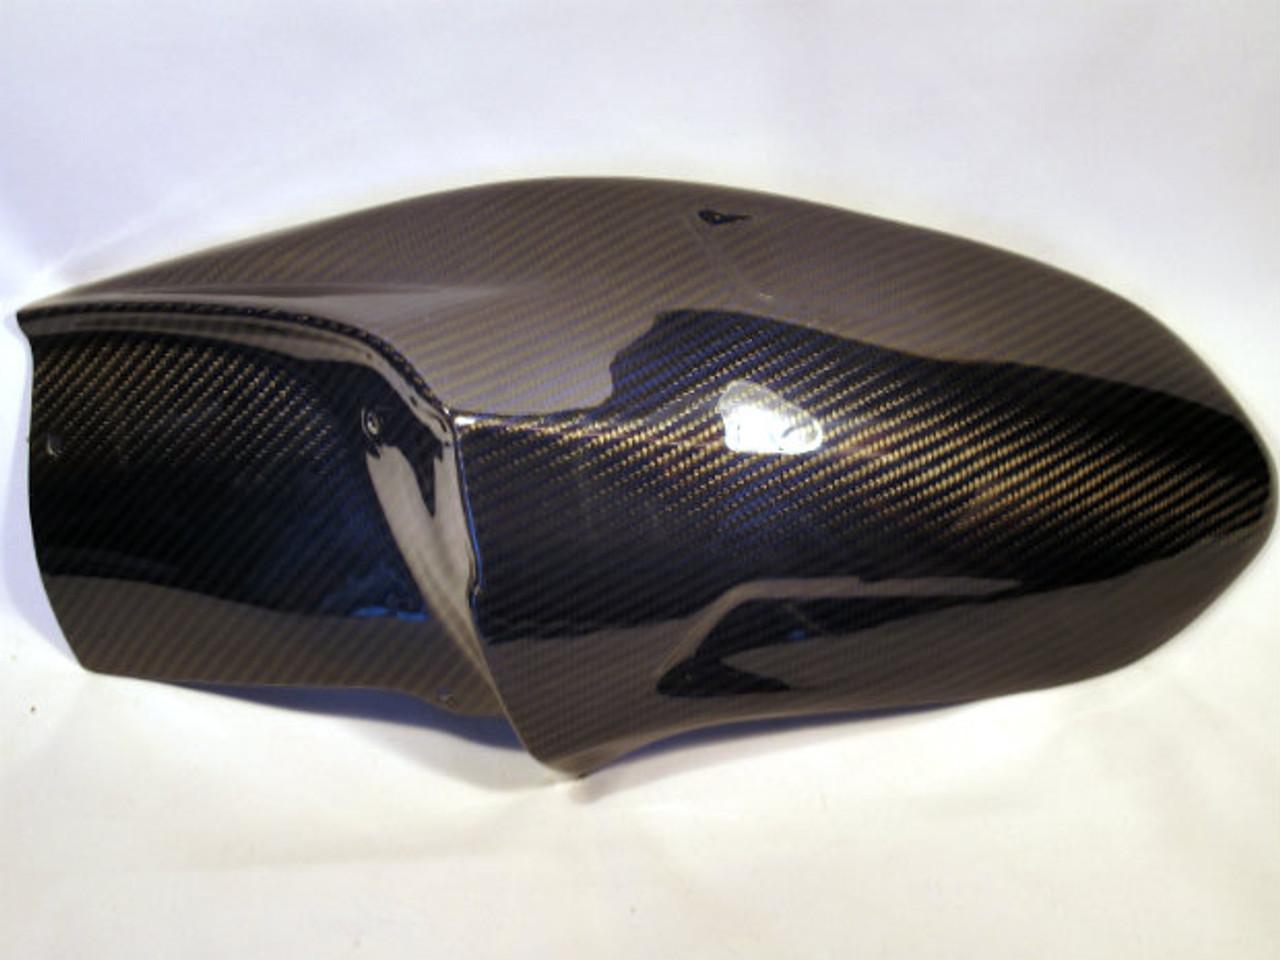 Blue & Black Glossy Twill Weave Carbon Fiber Rear Hugger for MV Agusta F3 , Brutale 675/800, Dragster 14-15